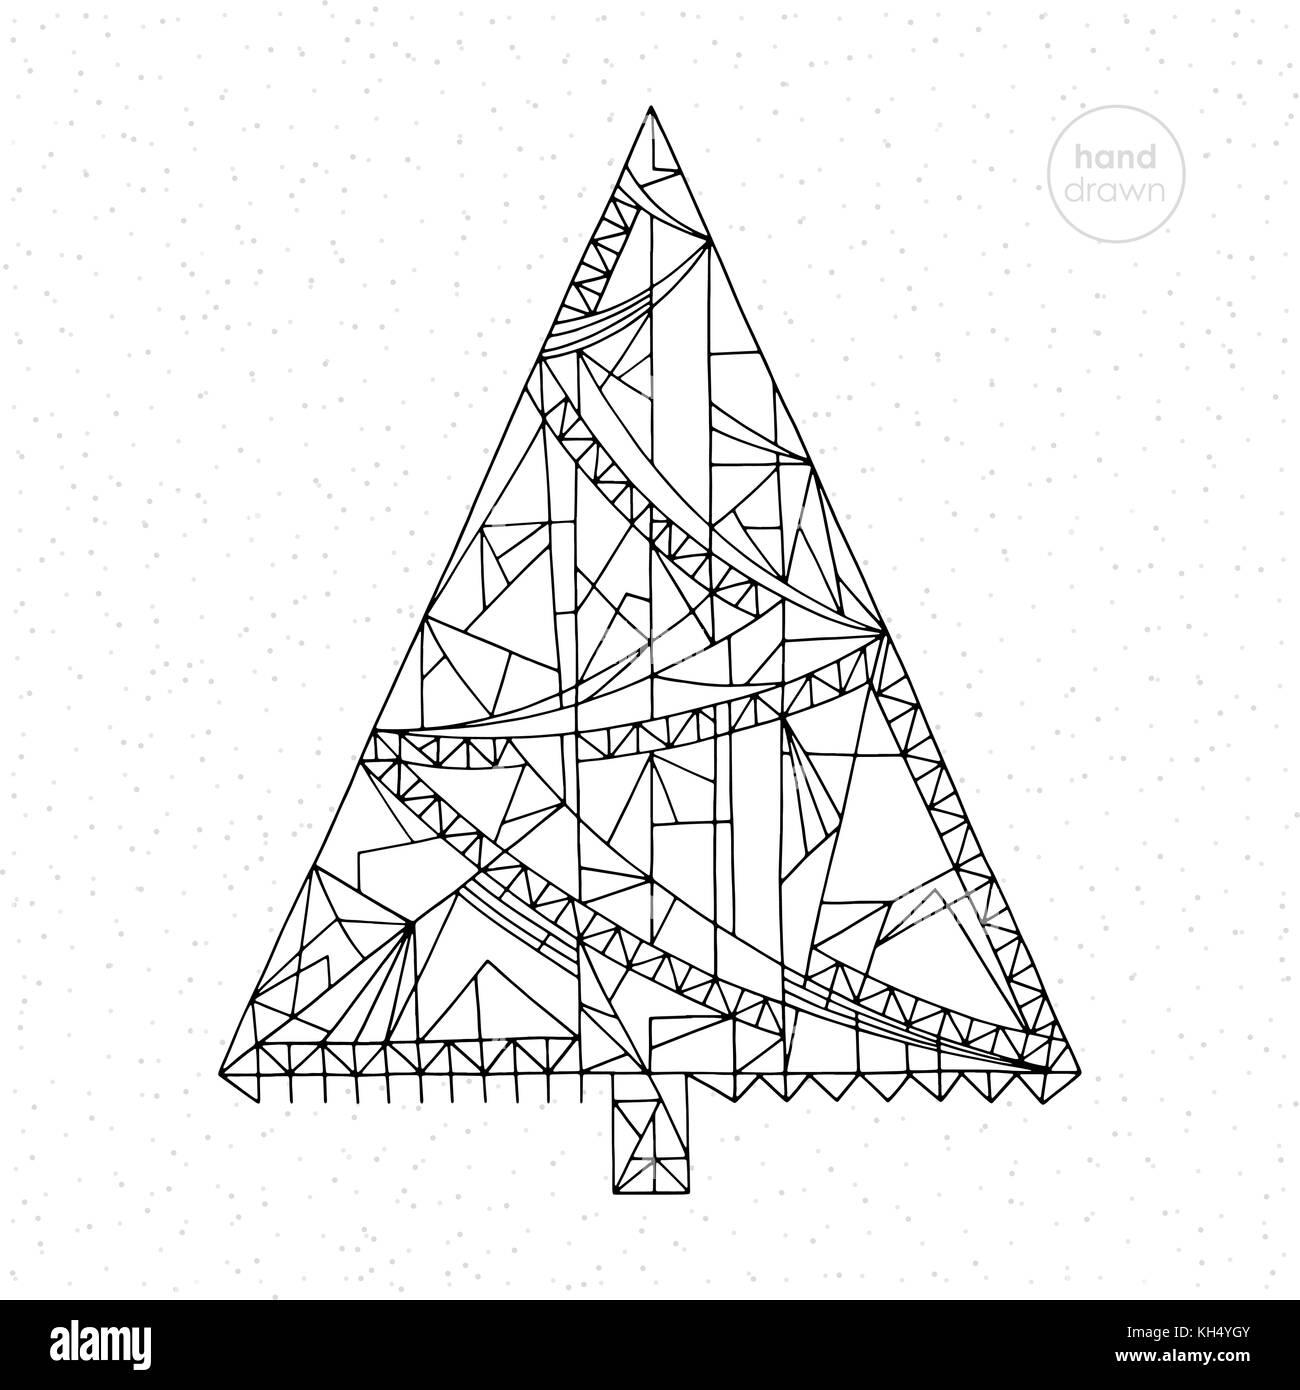 Árbol de navidad dibujado a mano ilustración vectorial. Resumen ...